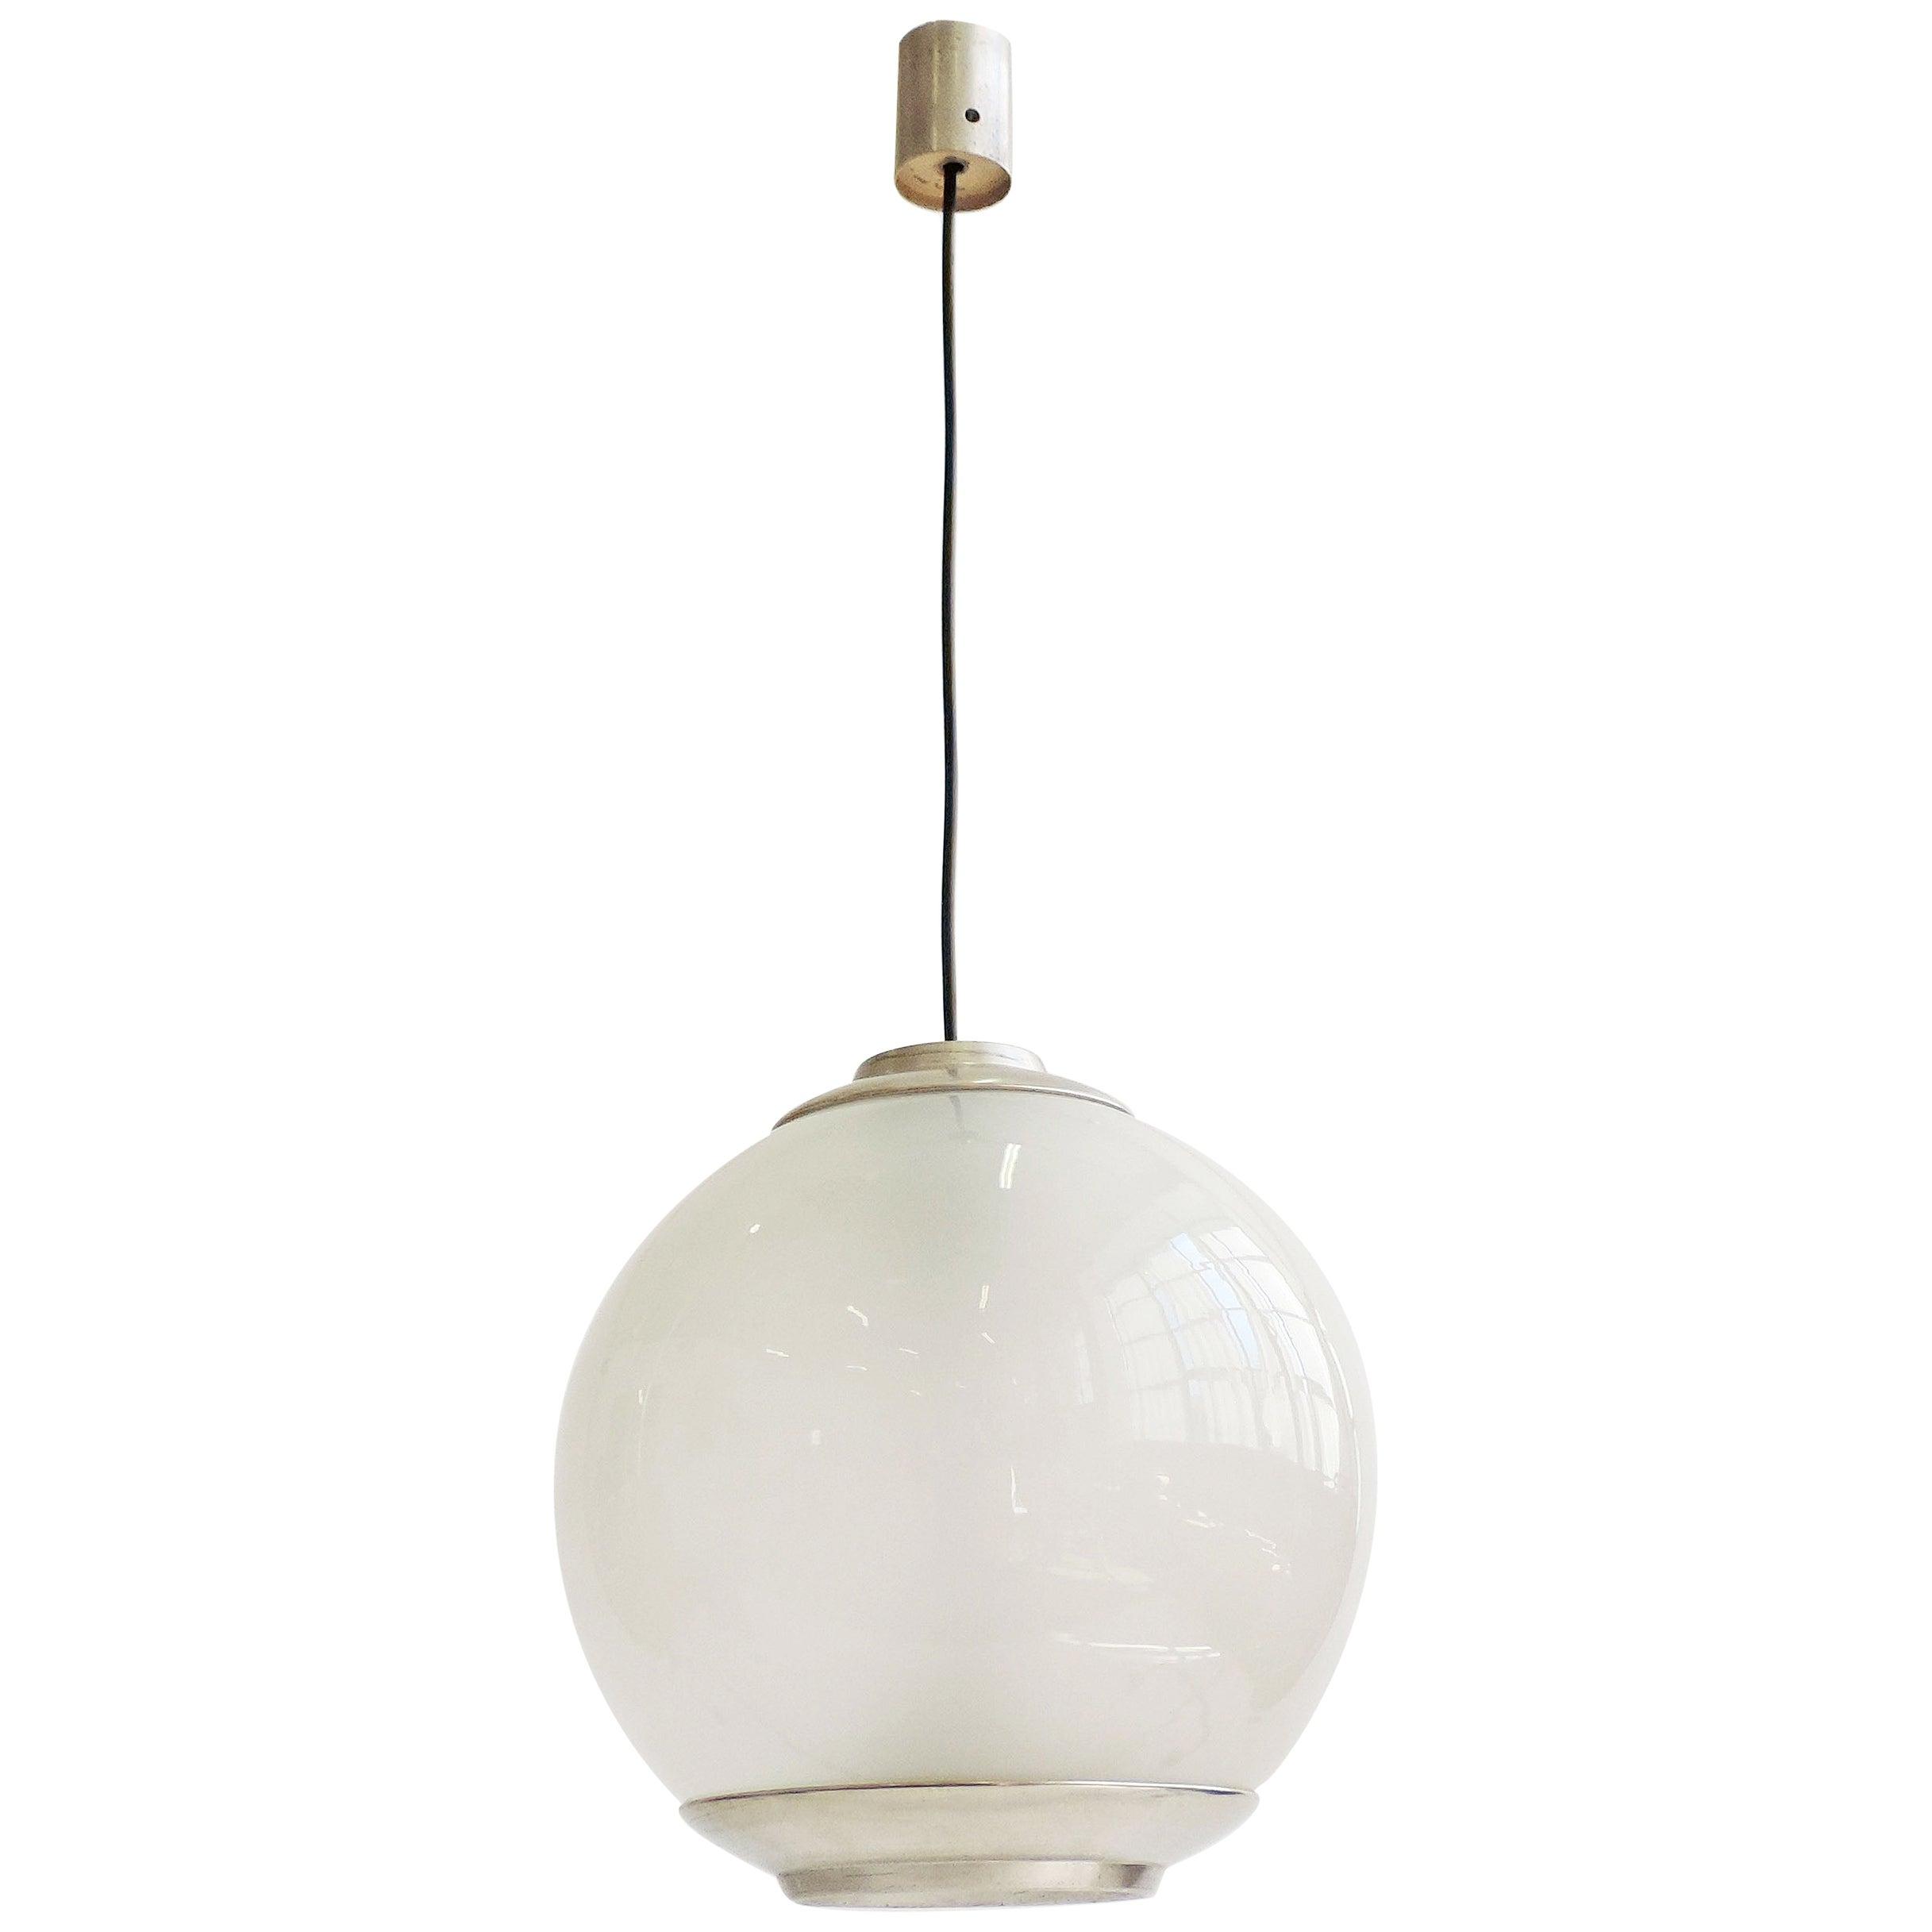 Luigi Caccia Dominioni LS2 Pendant Lamp for Azucena, Italy, 1952